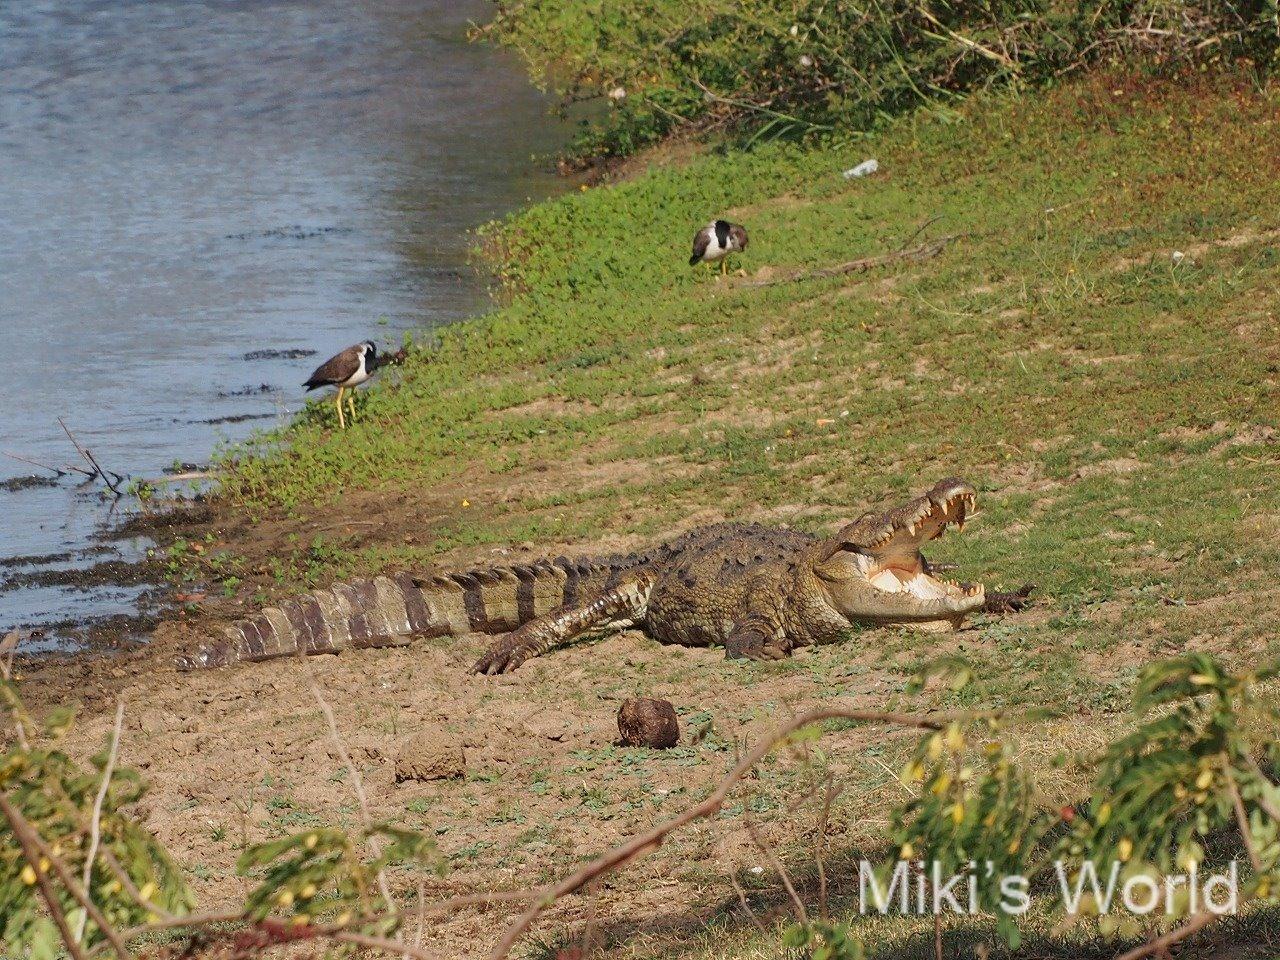 スリランカの爬虫類と両生類 その3 ワニ・トカゲ・カエル ※ヘビ無し